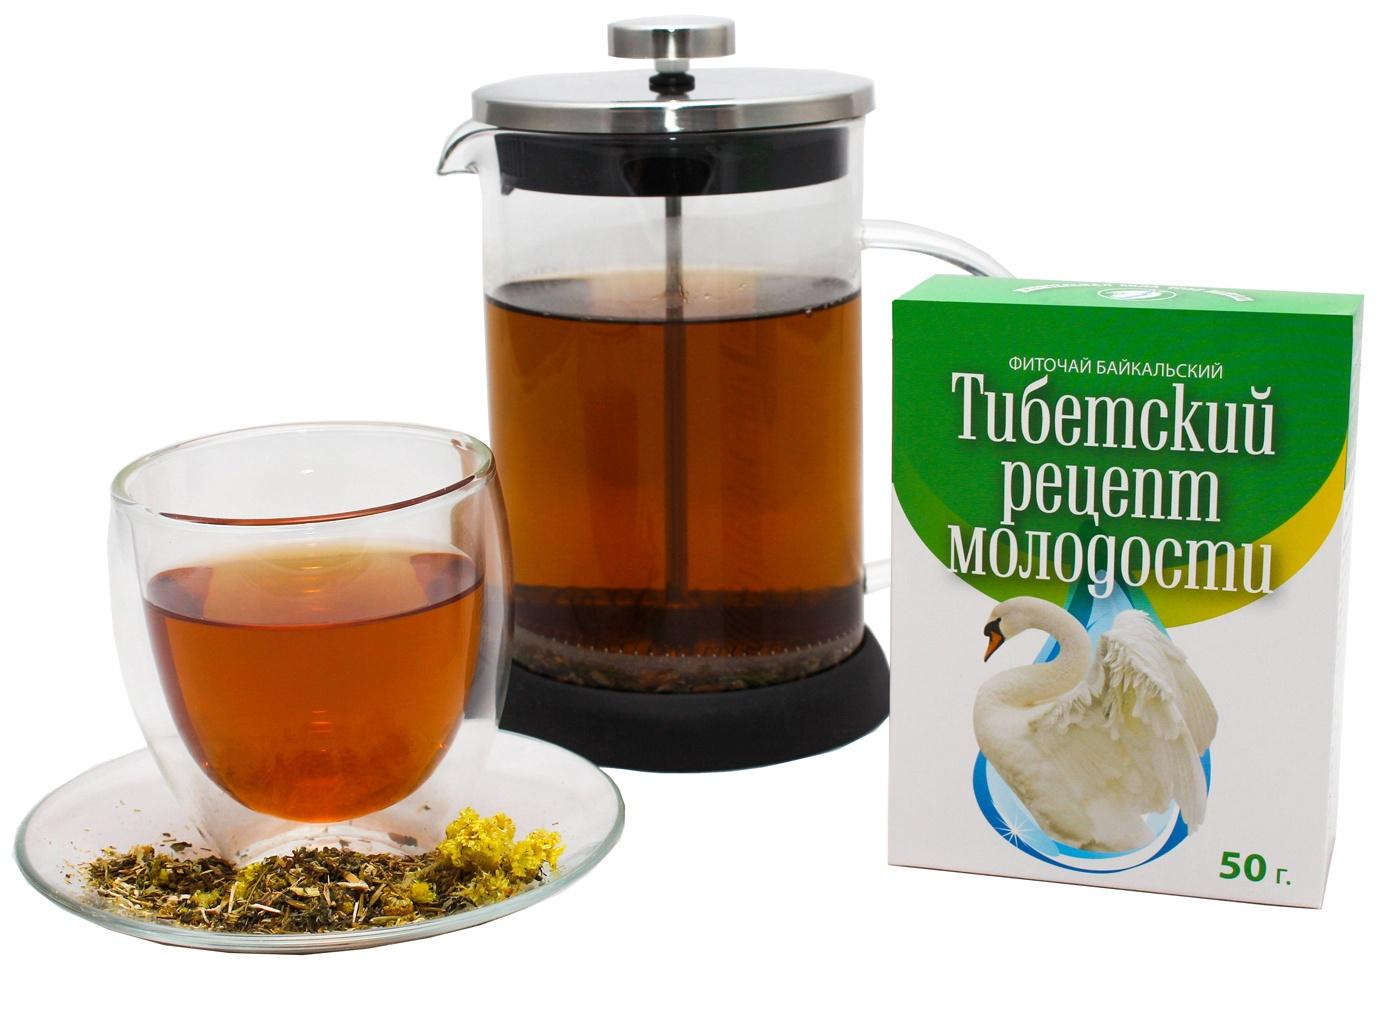 Чай листовой Фиточаи Байкальские Тибетский Рецепт Молодости омолаживающий, 50 г медицина шум в голове